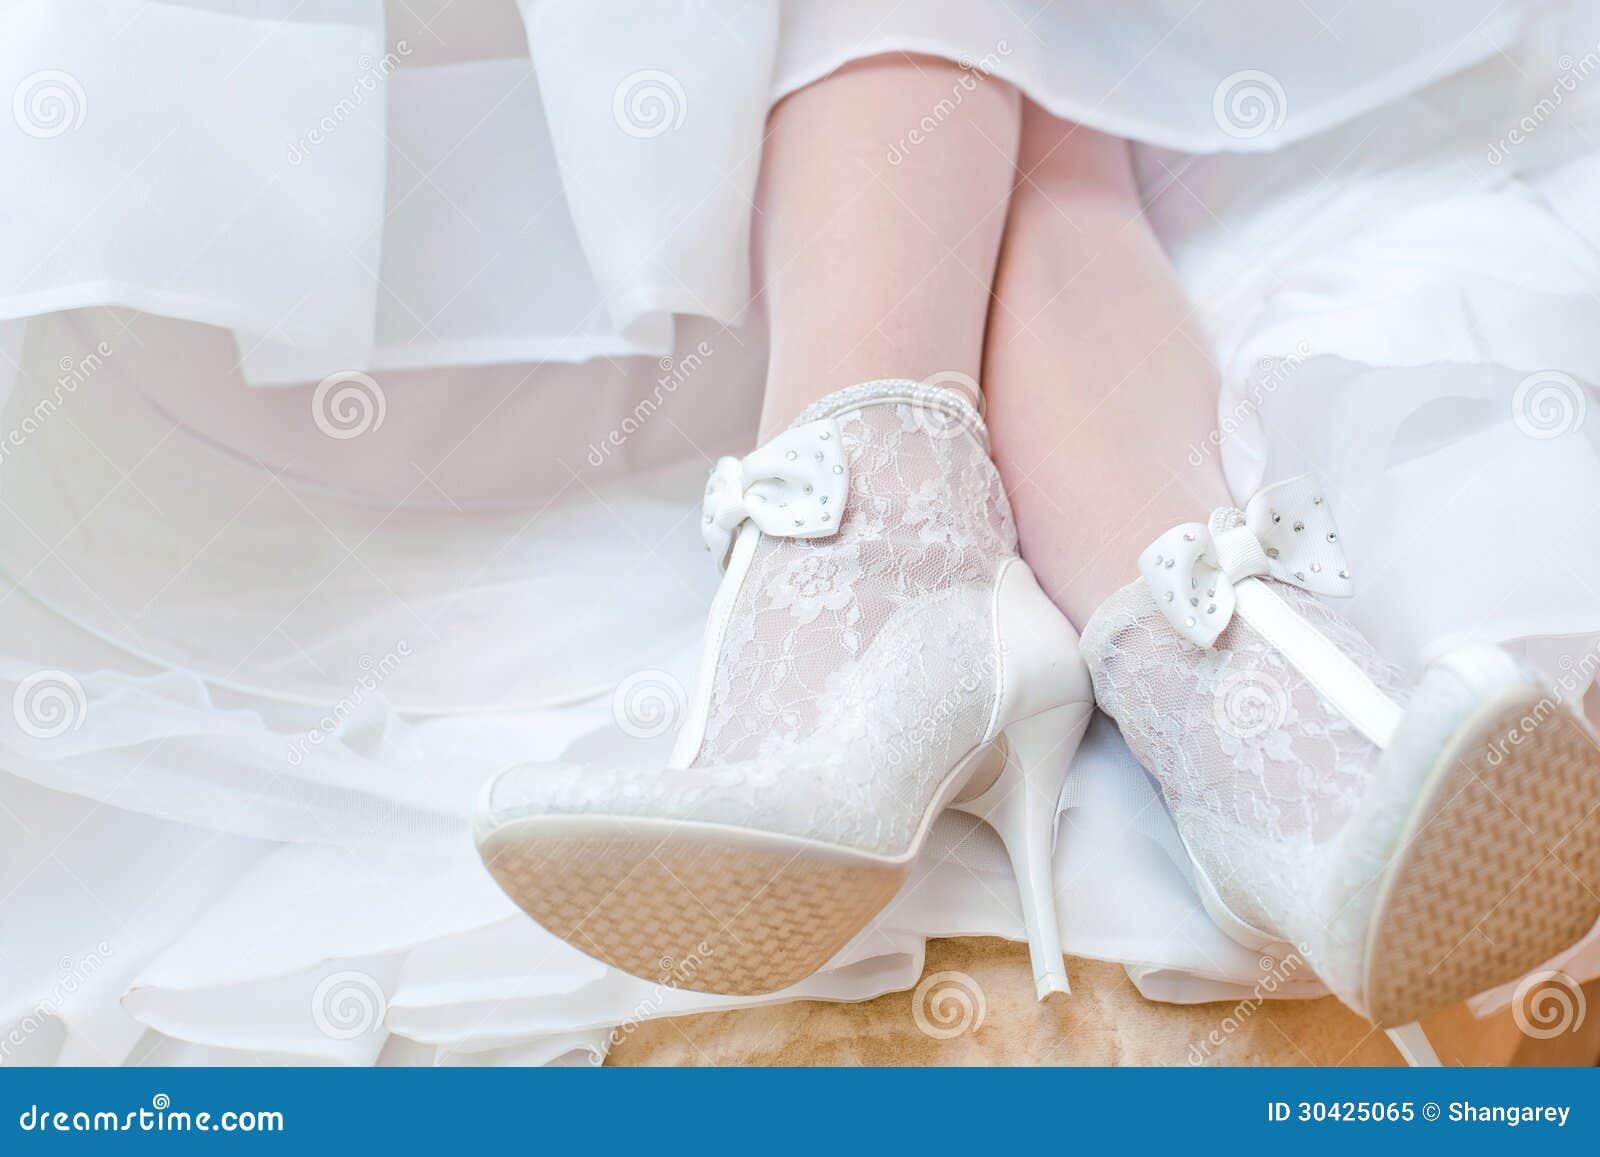 Фото невест нога на ногу, Снова невесты. Ножки (42 фото) » Триникси 29 фотография